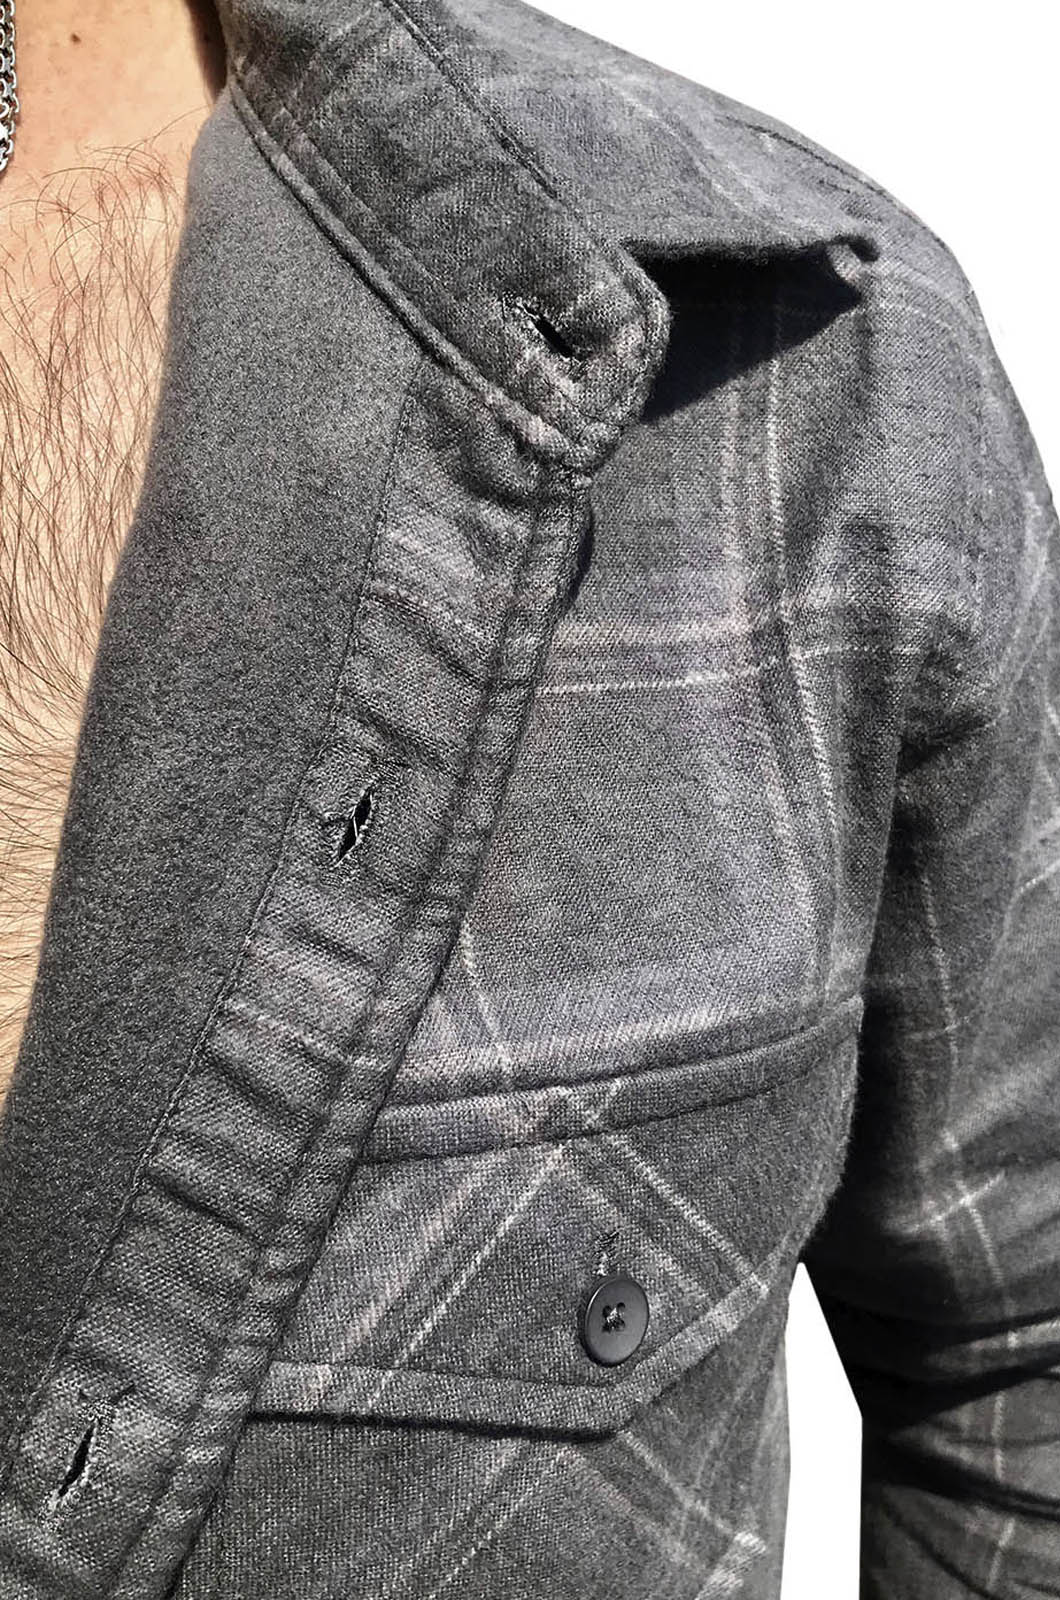 Рубашка в клетку с шевроном Гуманитарных войск купить с доставкой